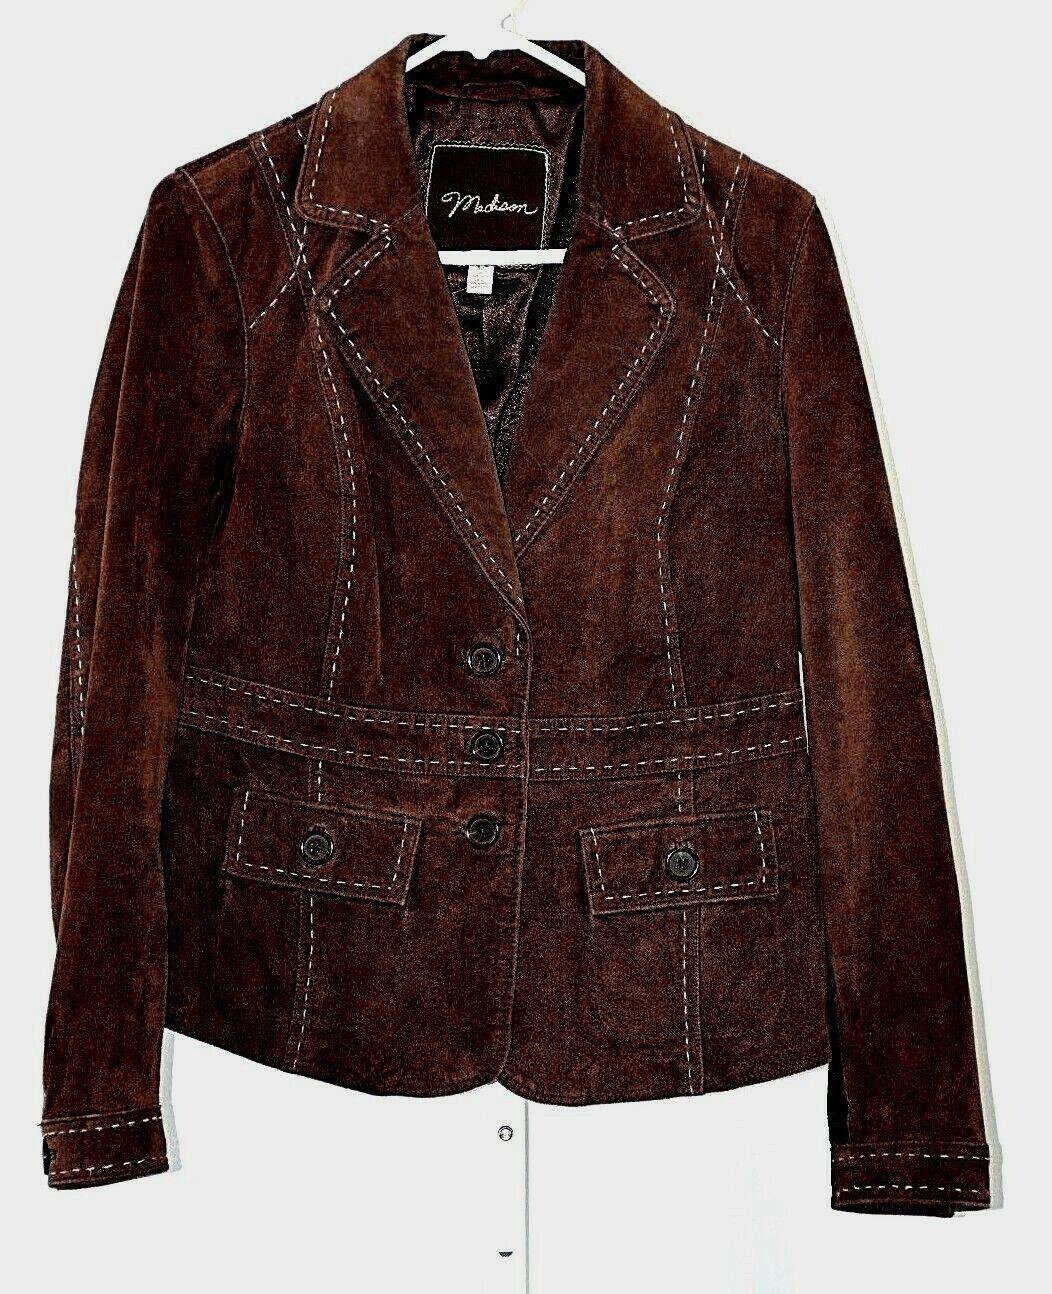 Madison kvinnor 100% bspringaa läder Coat Storlek 12 Stitched 3 Button årgång 1970 -talet